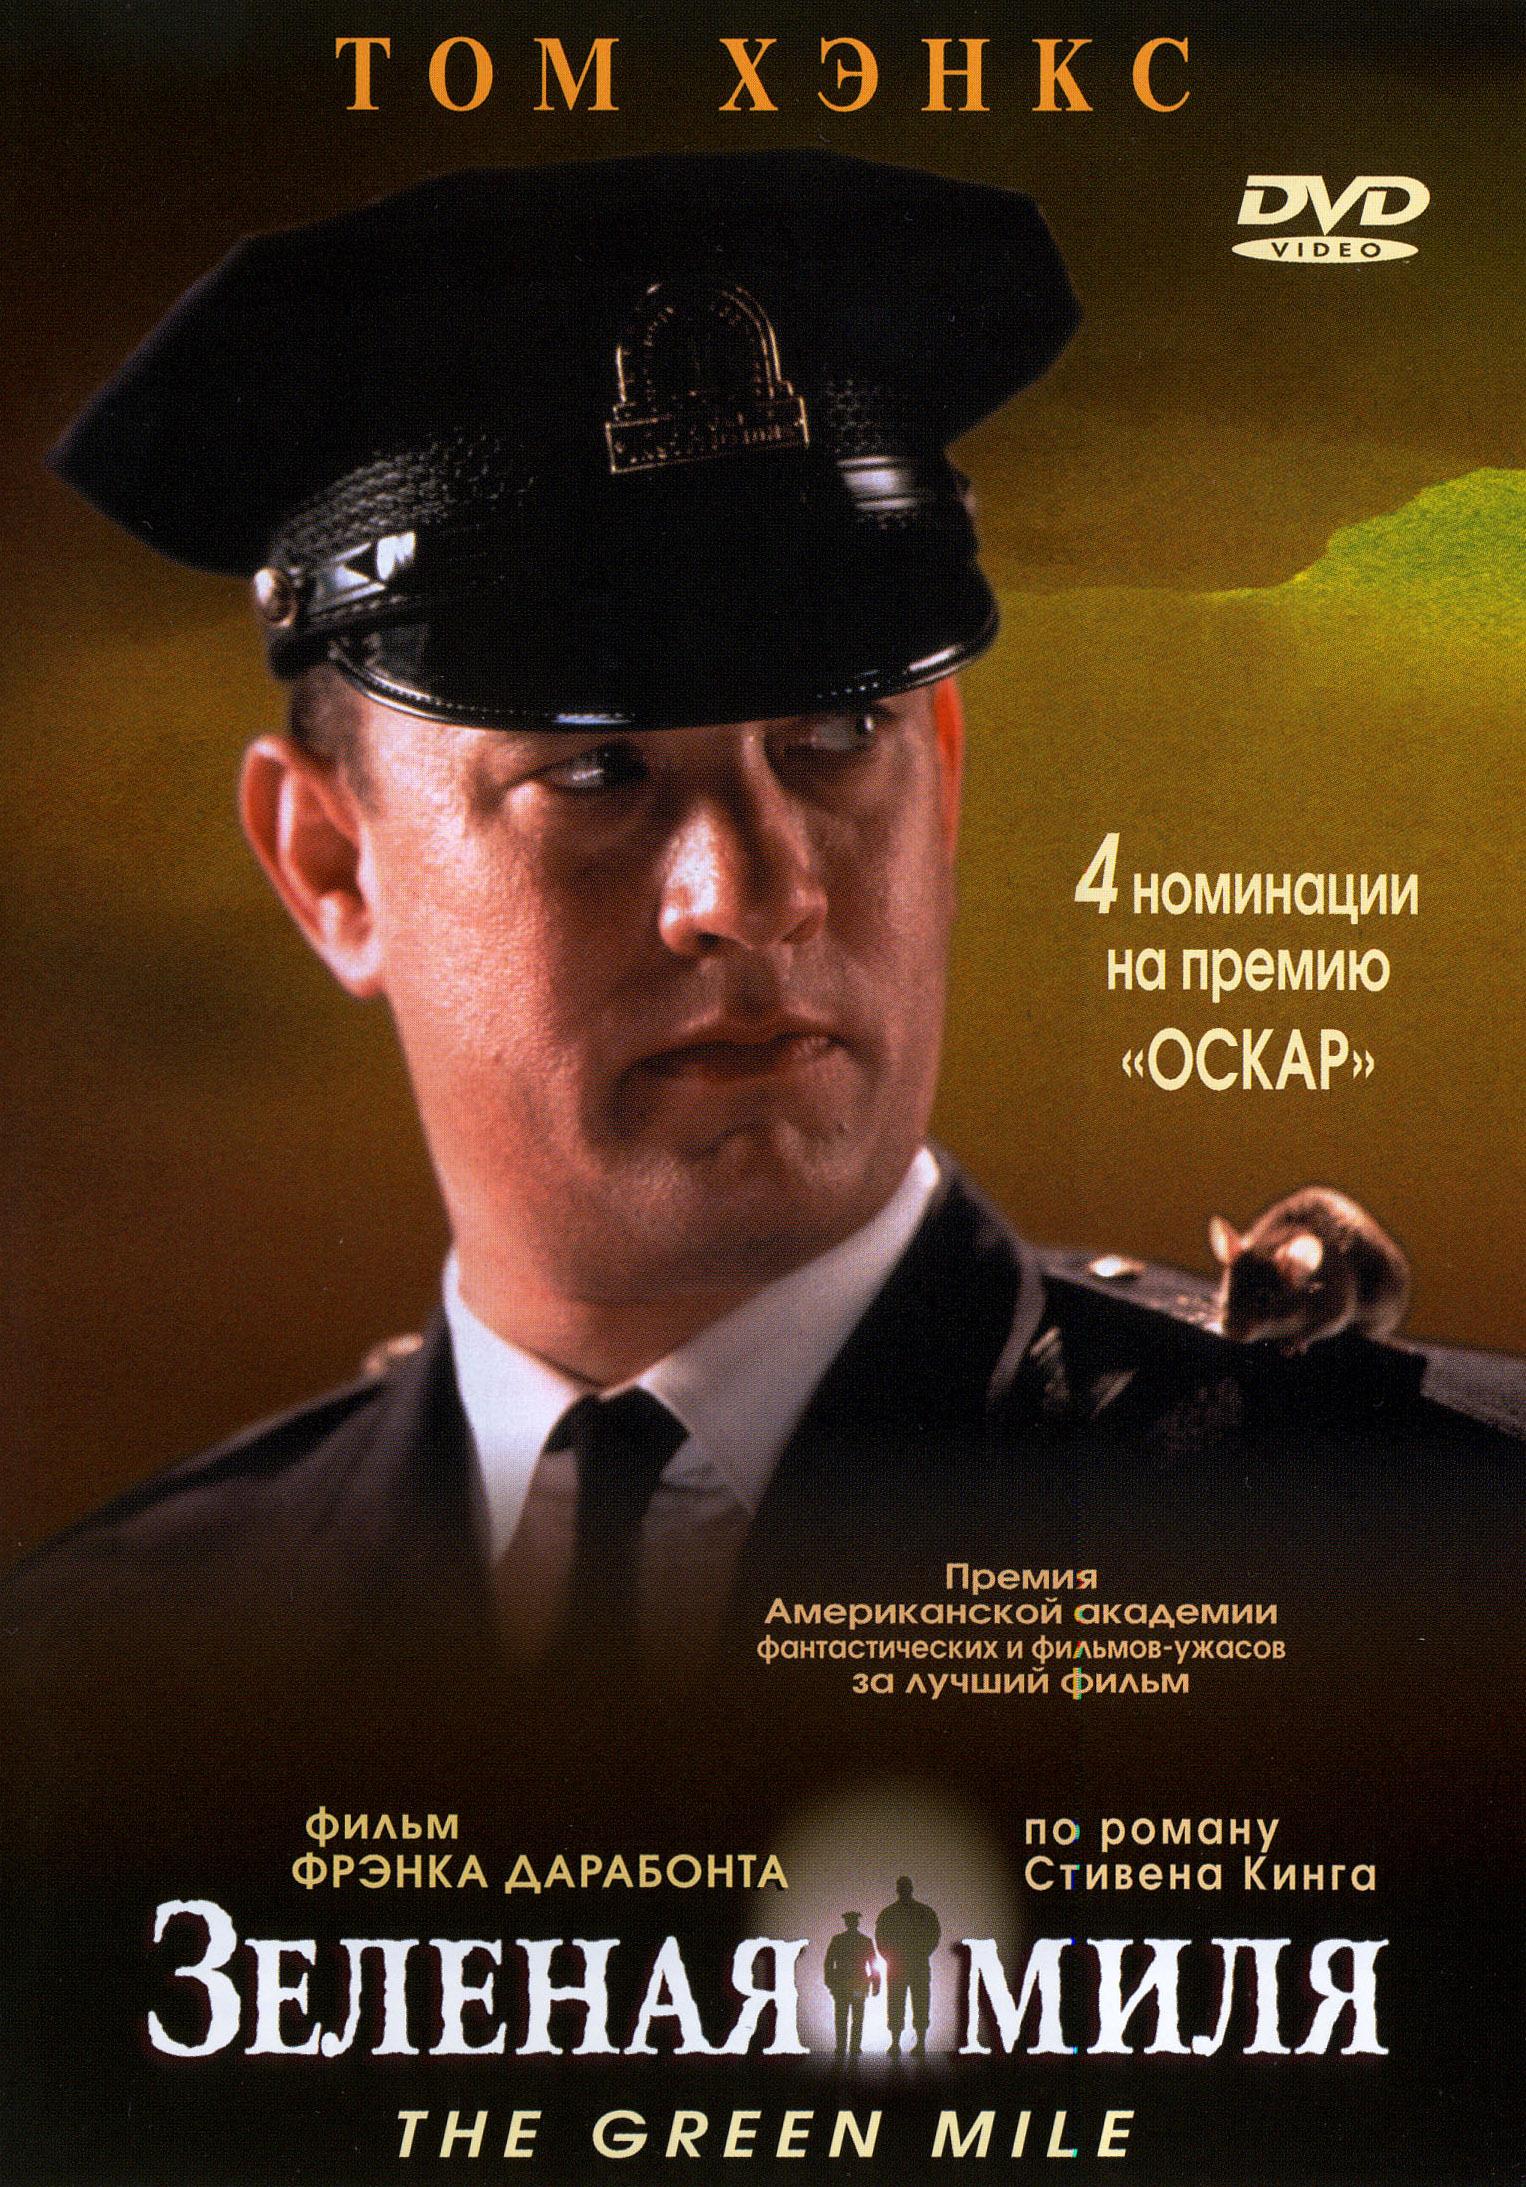 Смотреть фильм Зеленая миля 1999 в хорошем качестве hd 720p